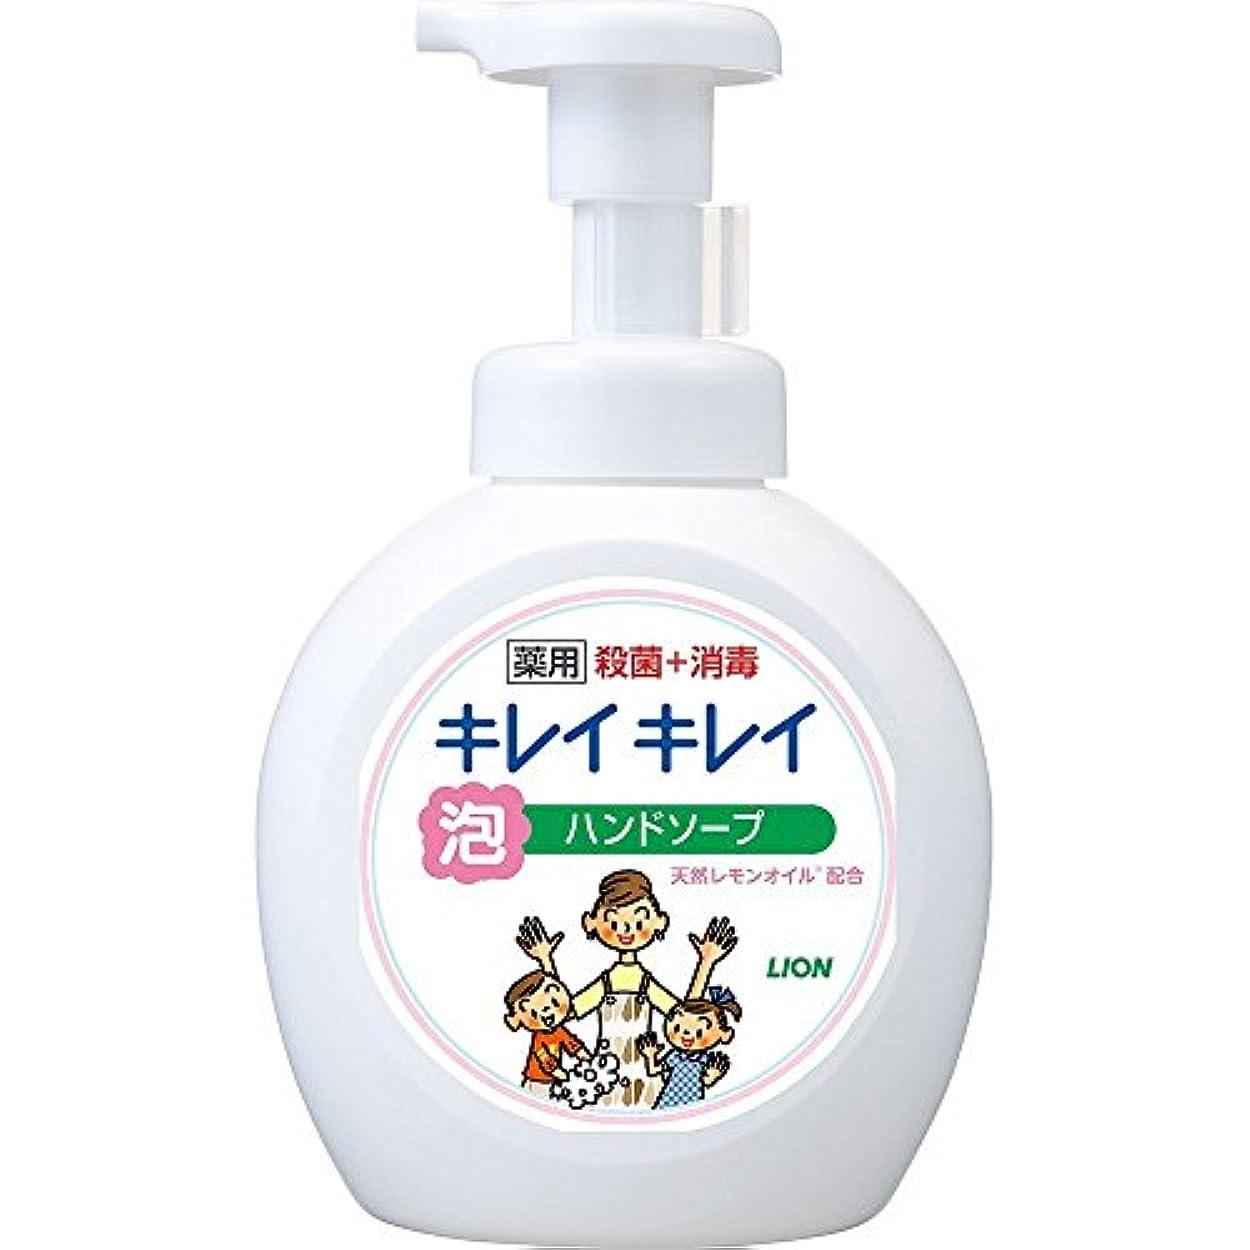 弁護士倫理的優雅なキレイキレイ 薬用 泡ハンドソープ シトラスフルーティの香り 本体ポンプ 大型サイズ 500ml(医薬部外品)